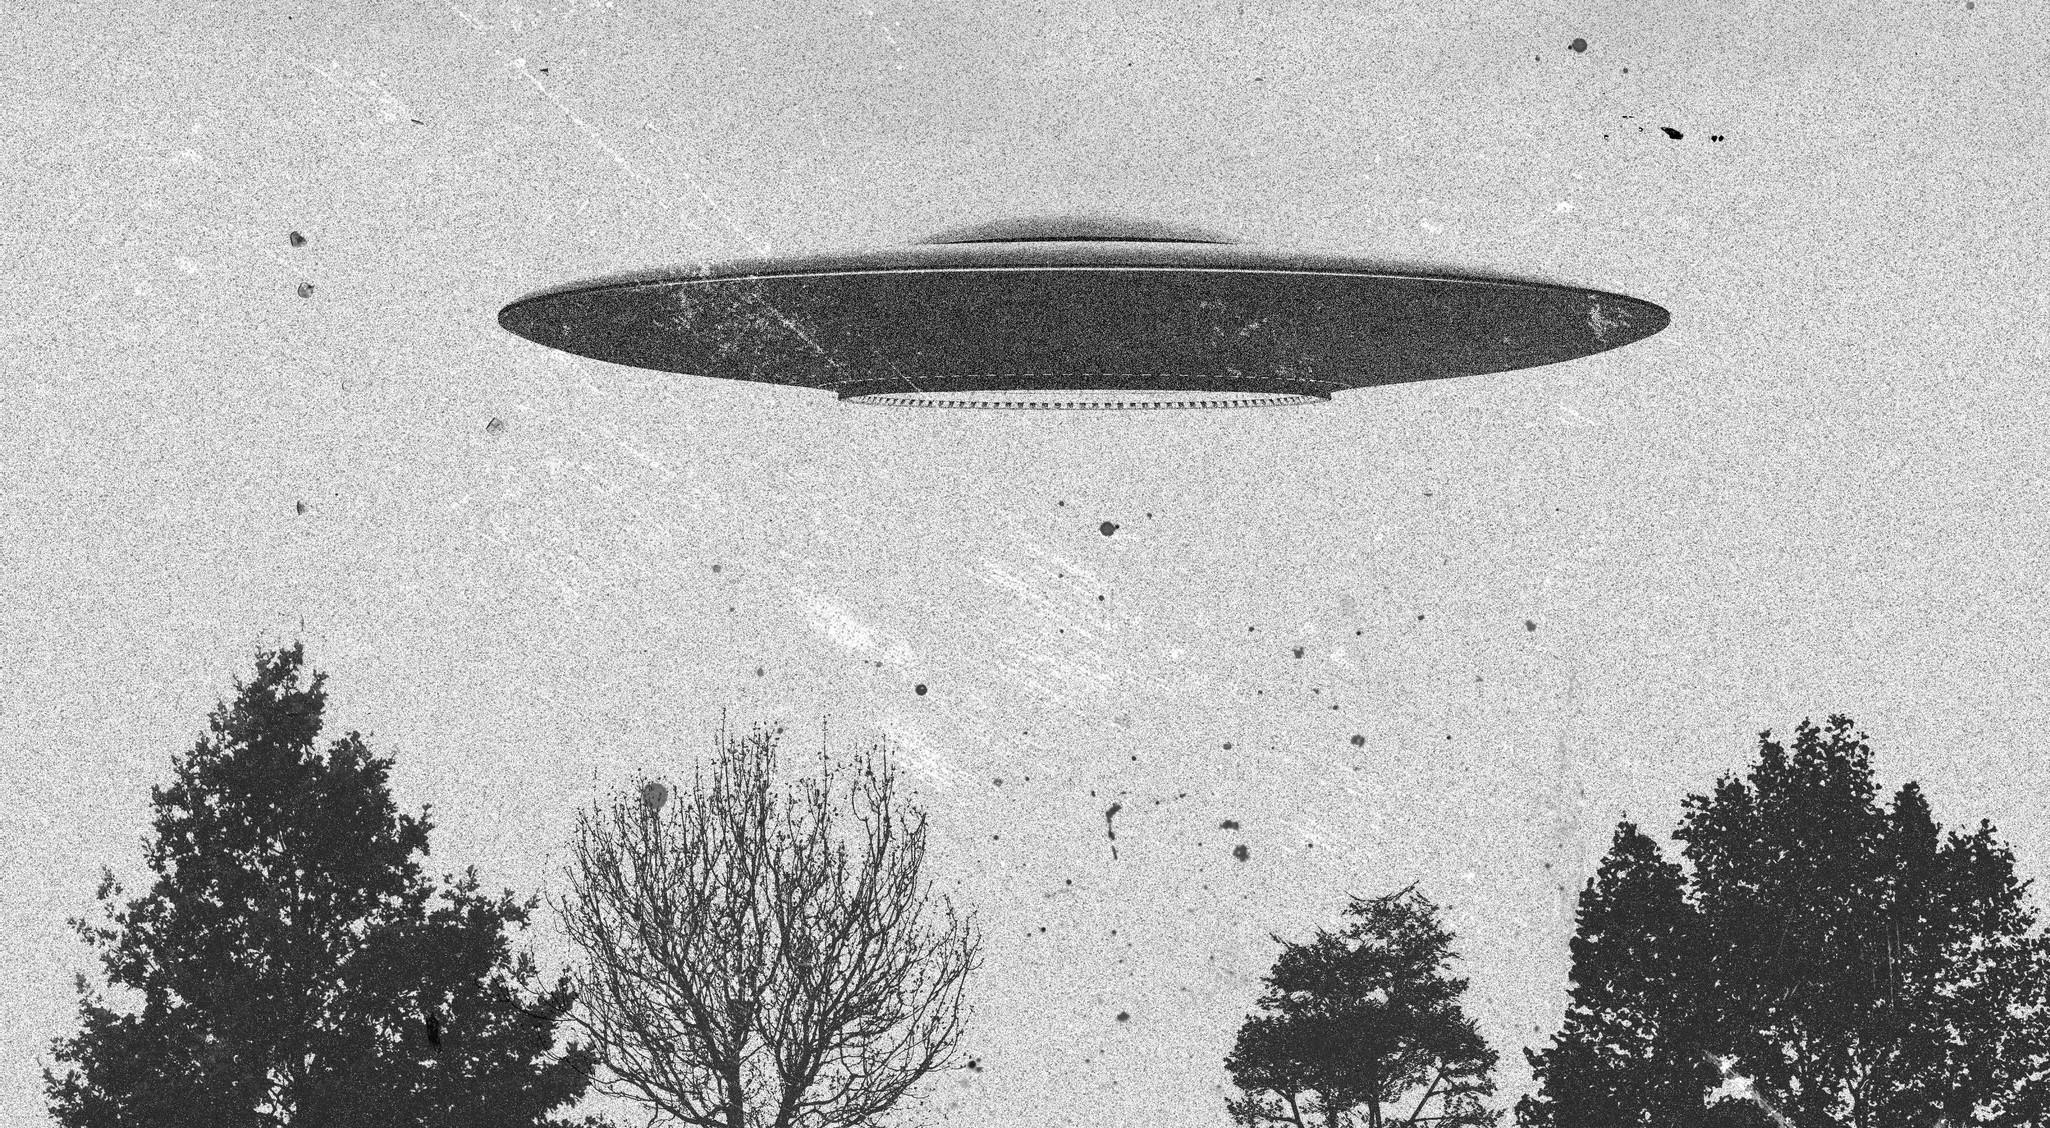 Два загадочных НЛО были зафиксированы внебе над аэропортом вМексике